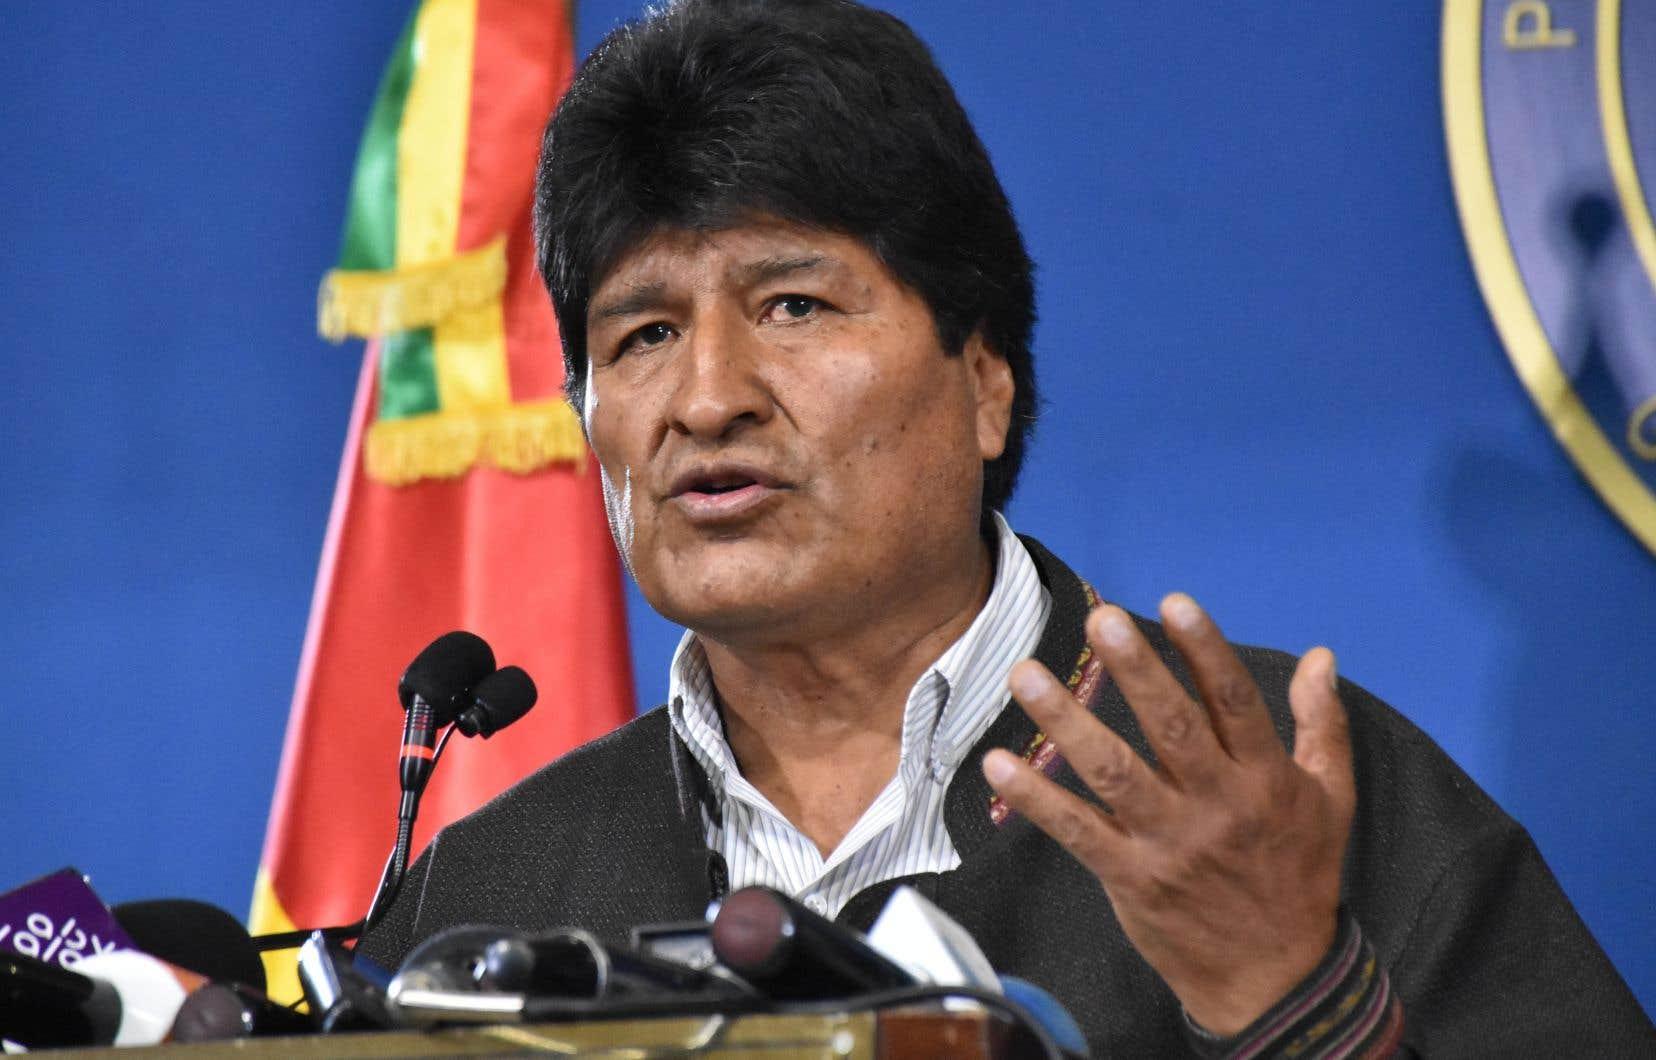 «Je pars pour le Mexique», et «ça me fait mal d'abandonner le pays pour des raisons politiques», a posté sur Twitter lundi soir Evo Morales, qui présidait la Bolivie depuis 2006 et a démissionné dimanche.